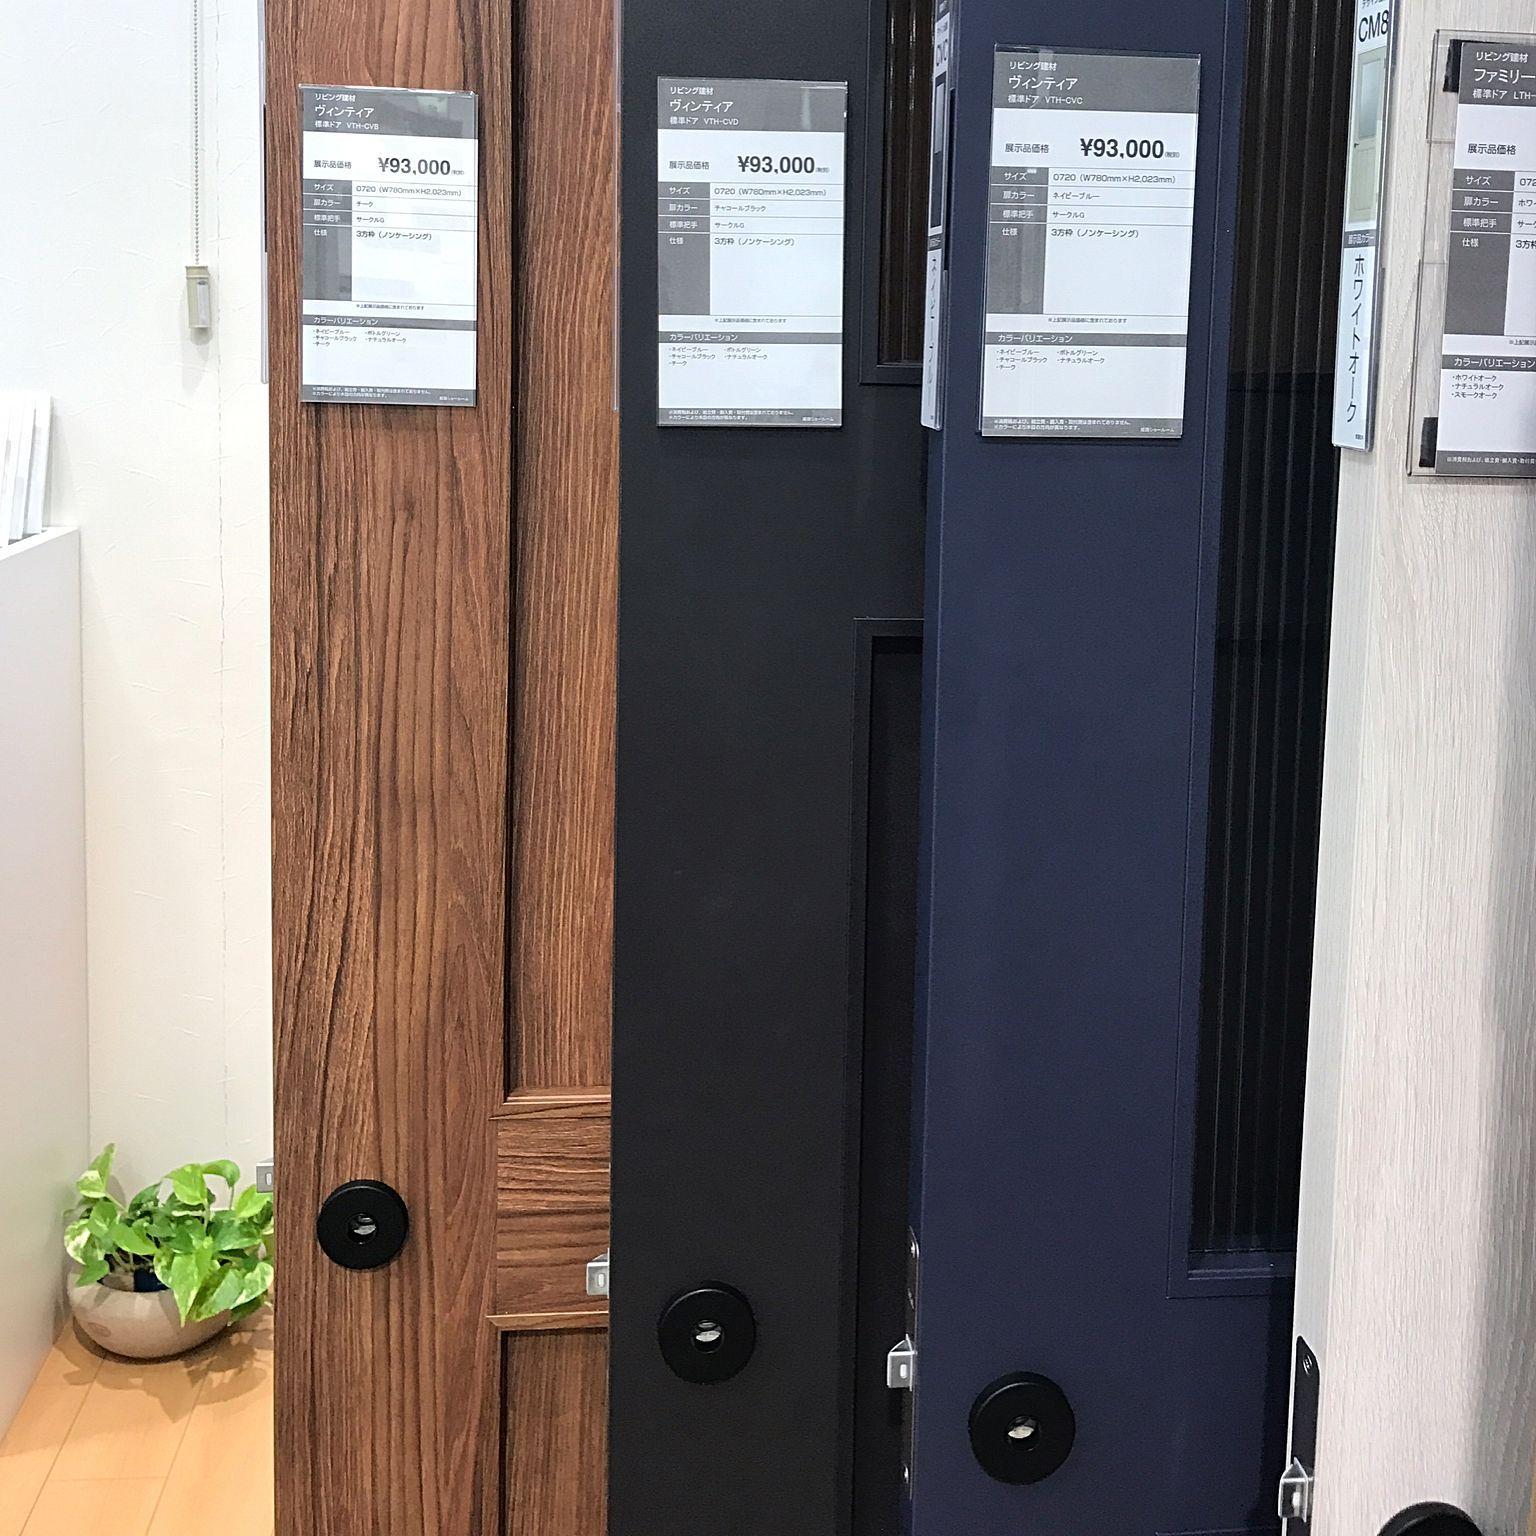 ワイヤレス無線lanビデオドア電話doorbelインターホンシステムナイト